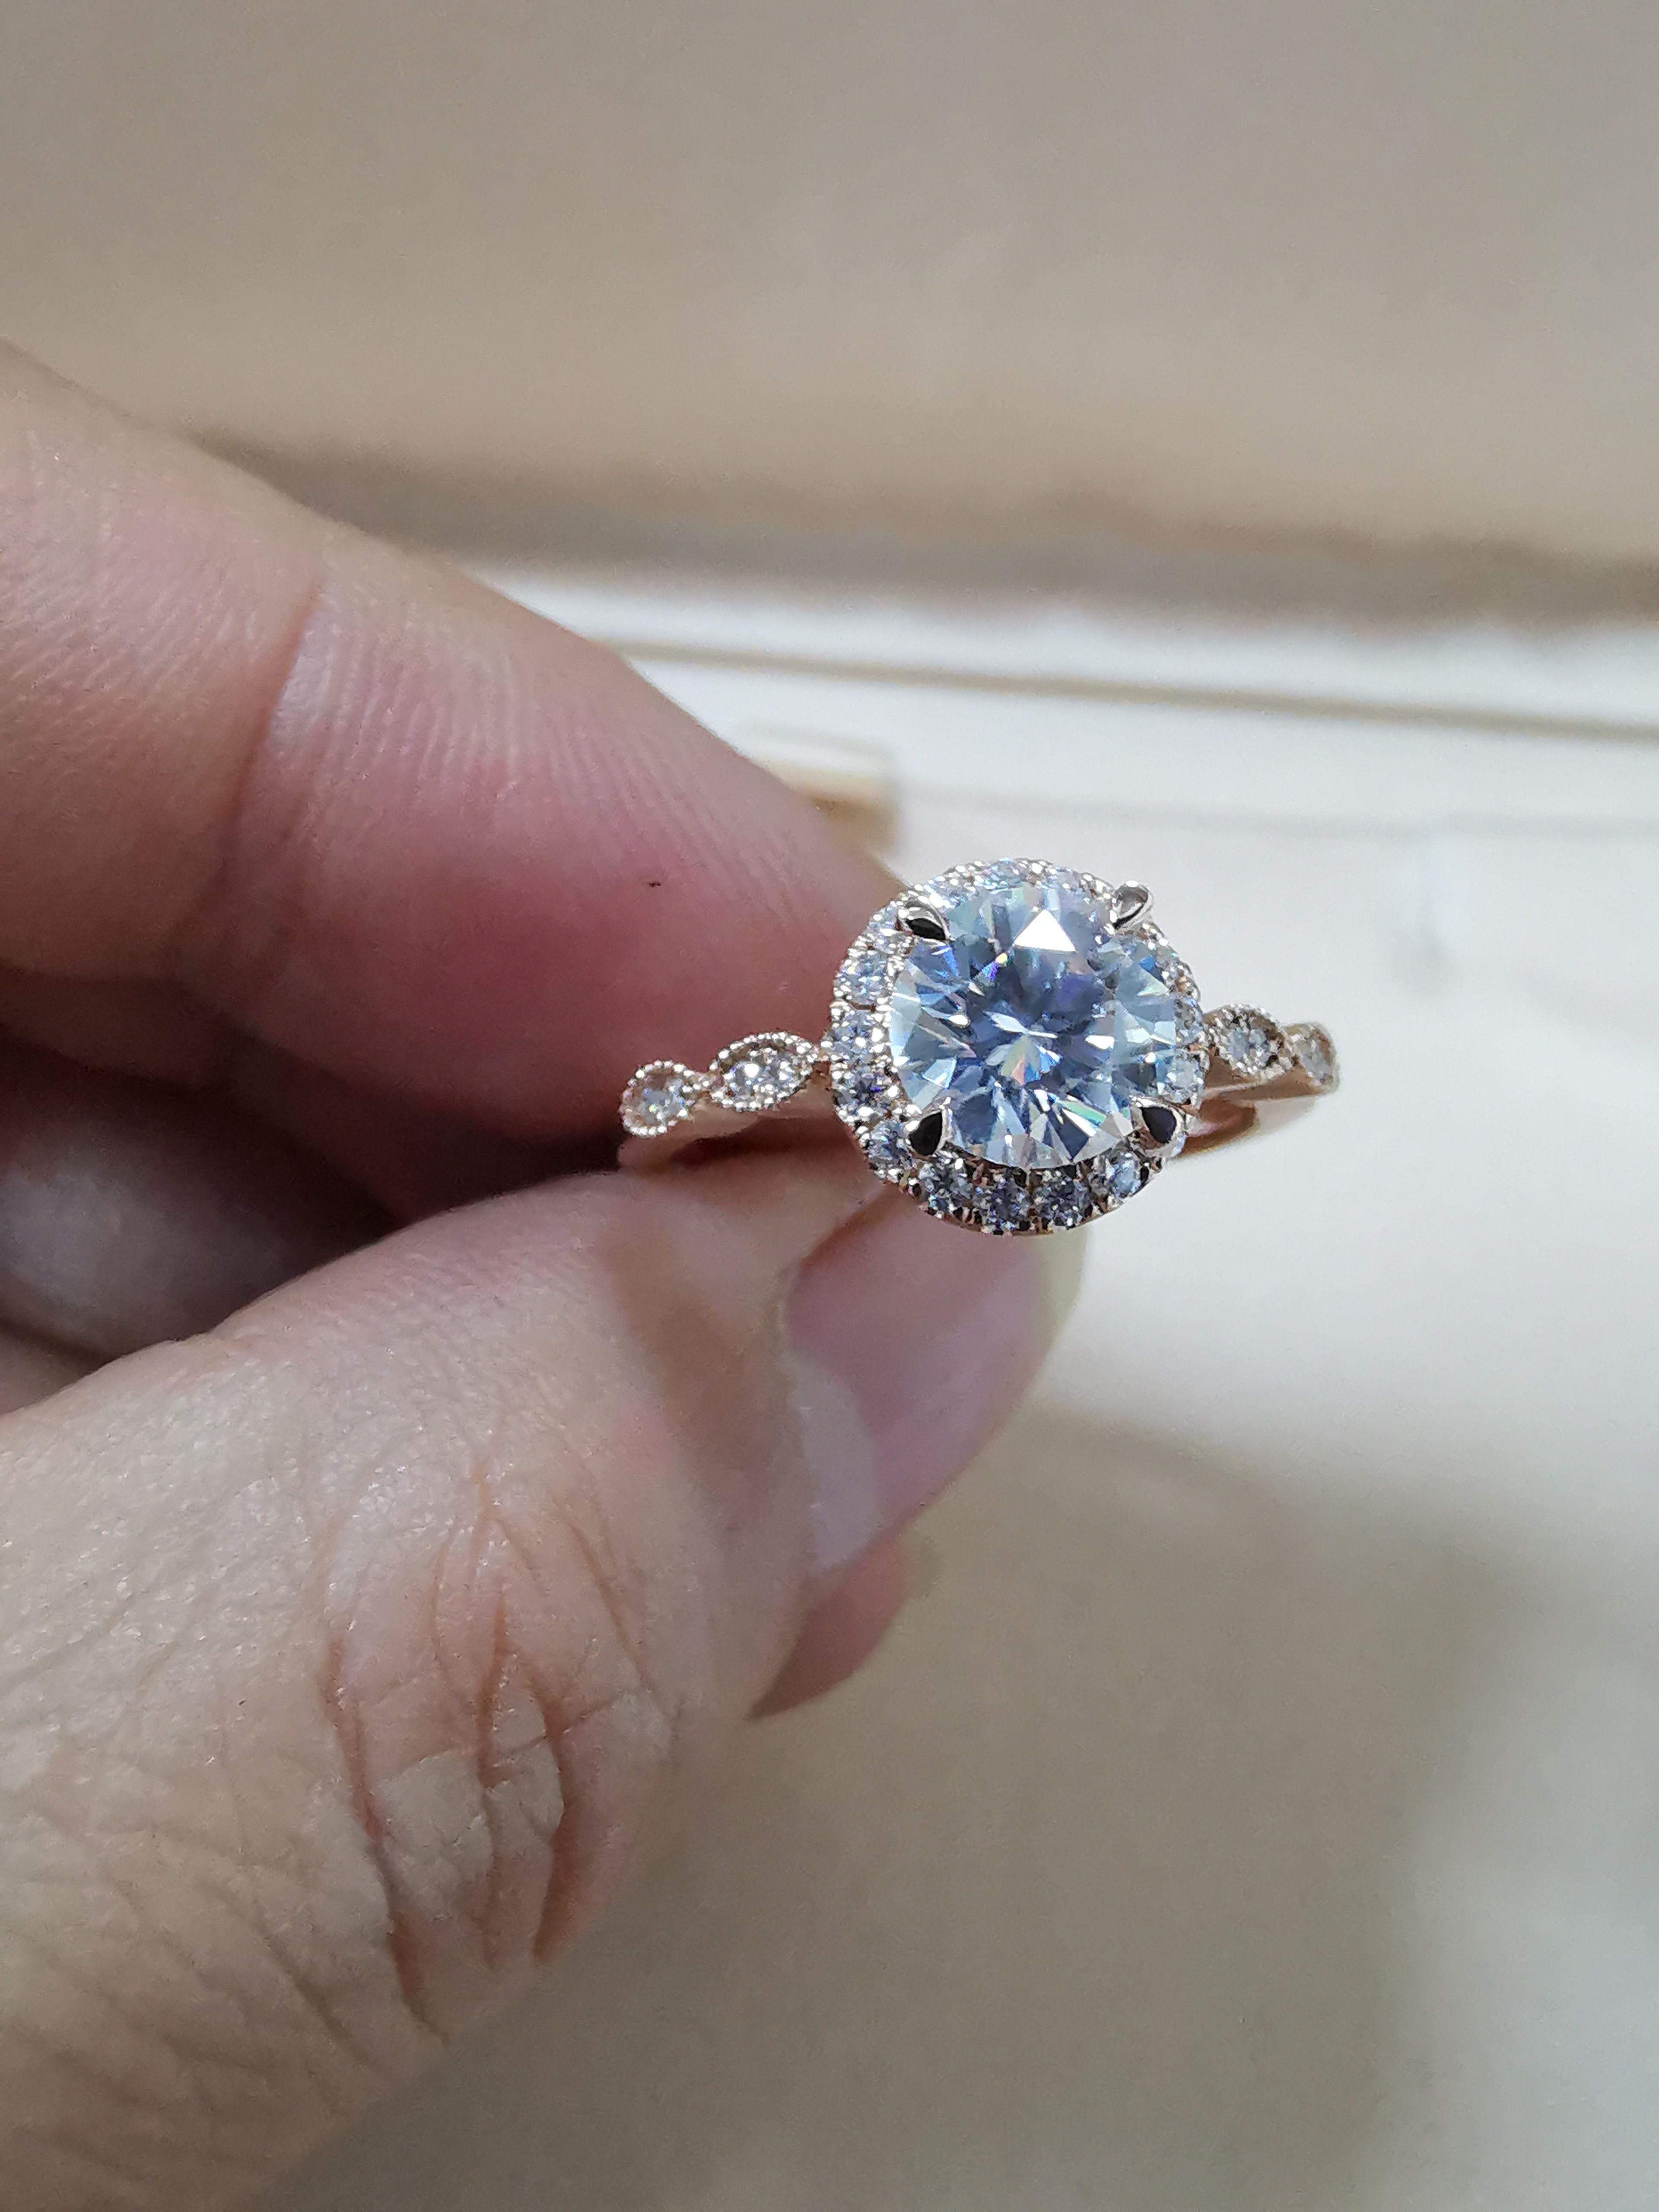 Изысканные ювелирные изделия муассанит бриллиантовое роскошное кольцо круглое обручальное кольцо 18k Rose Solid Gold ювелирные кольца для женщин AU750 штампованные оптом